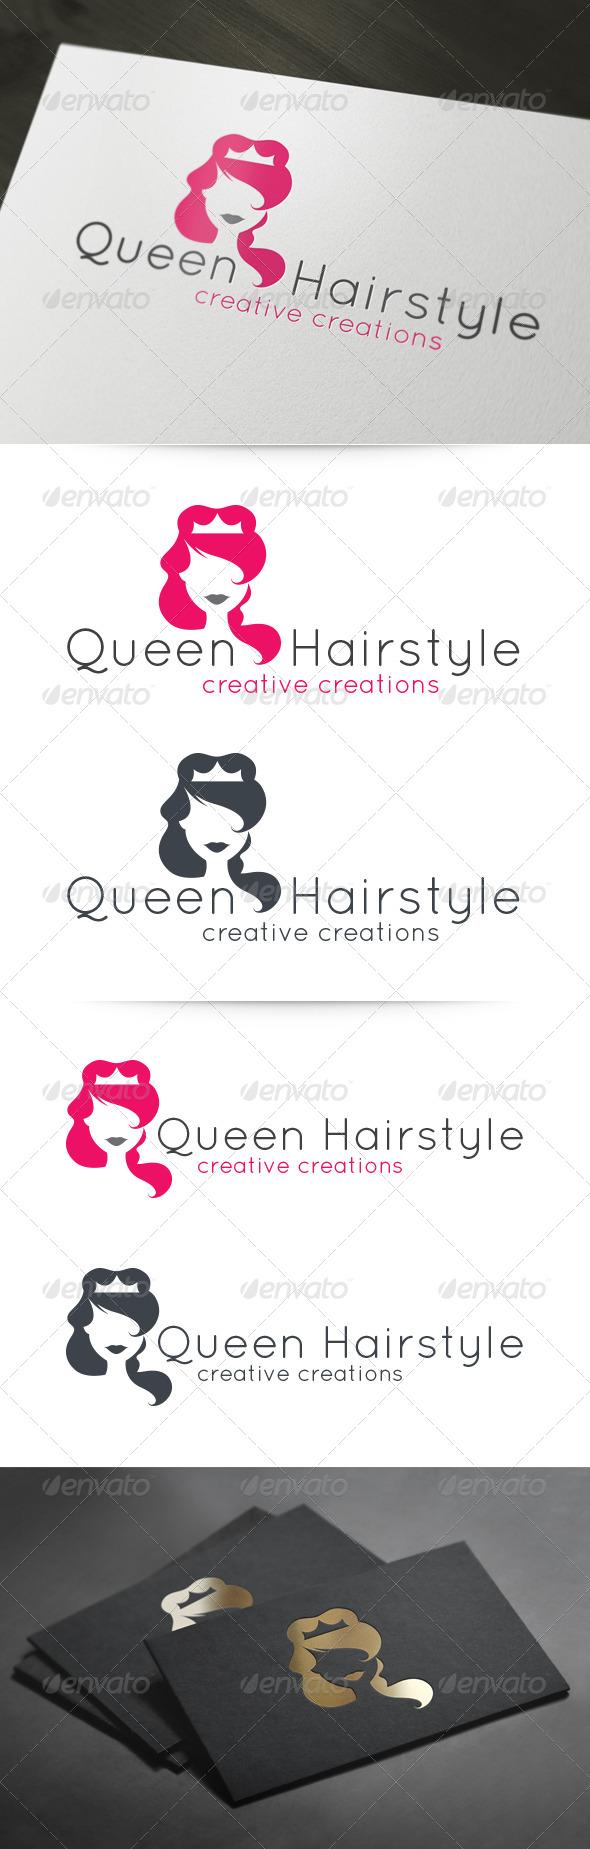 Queen Hairstyle Logo - Humans Logo Templates